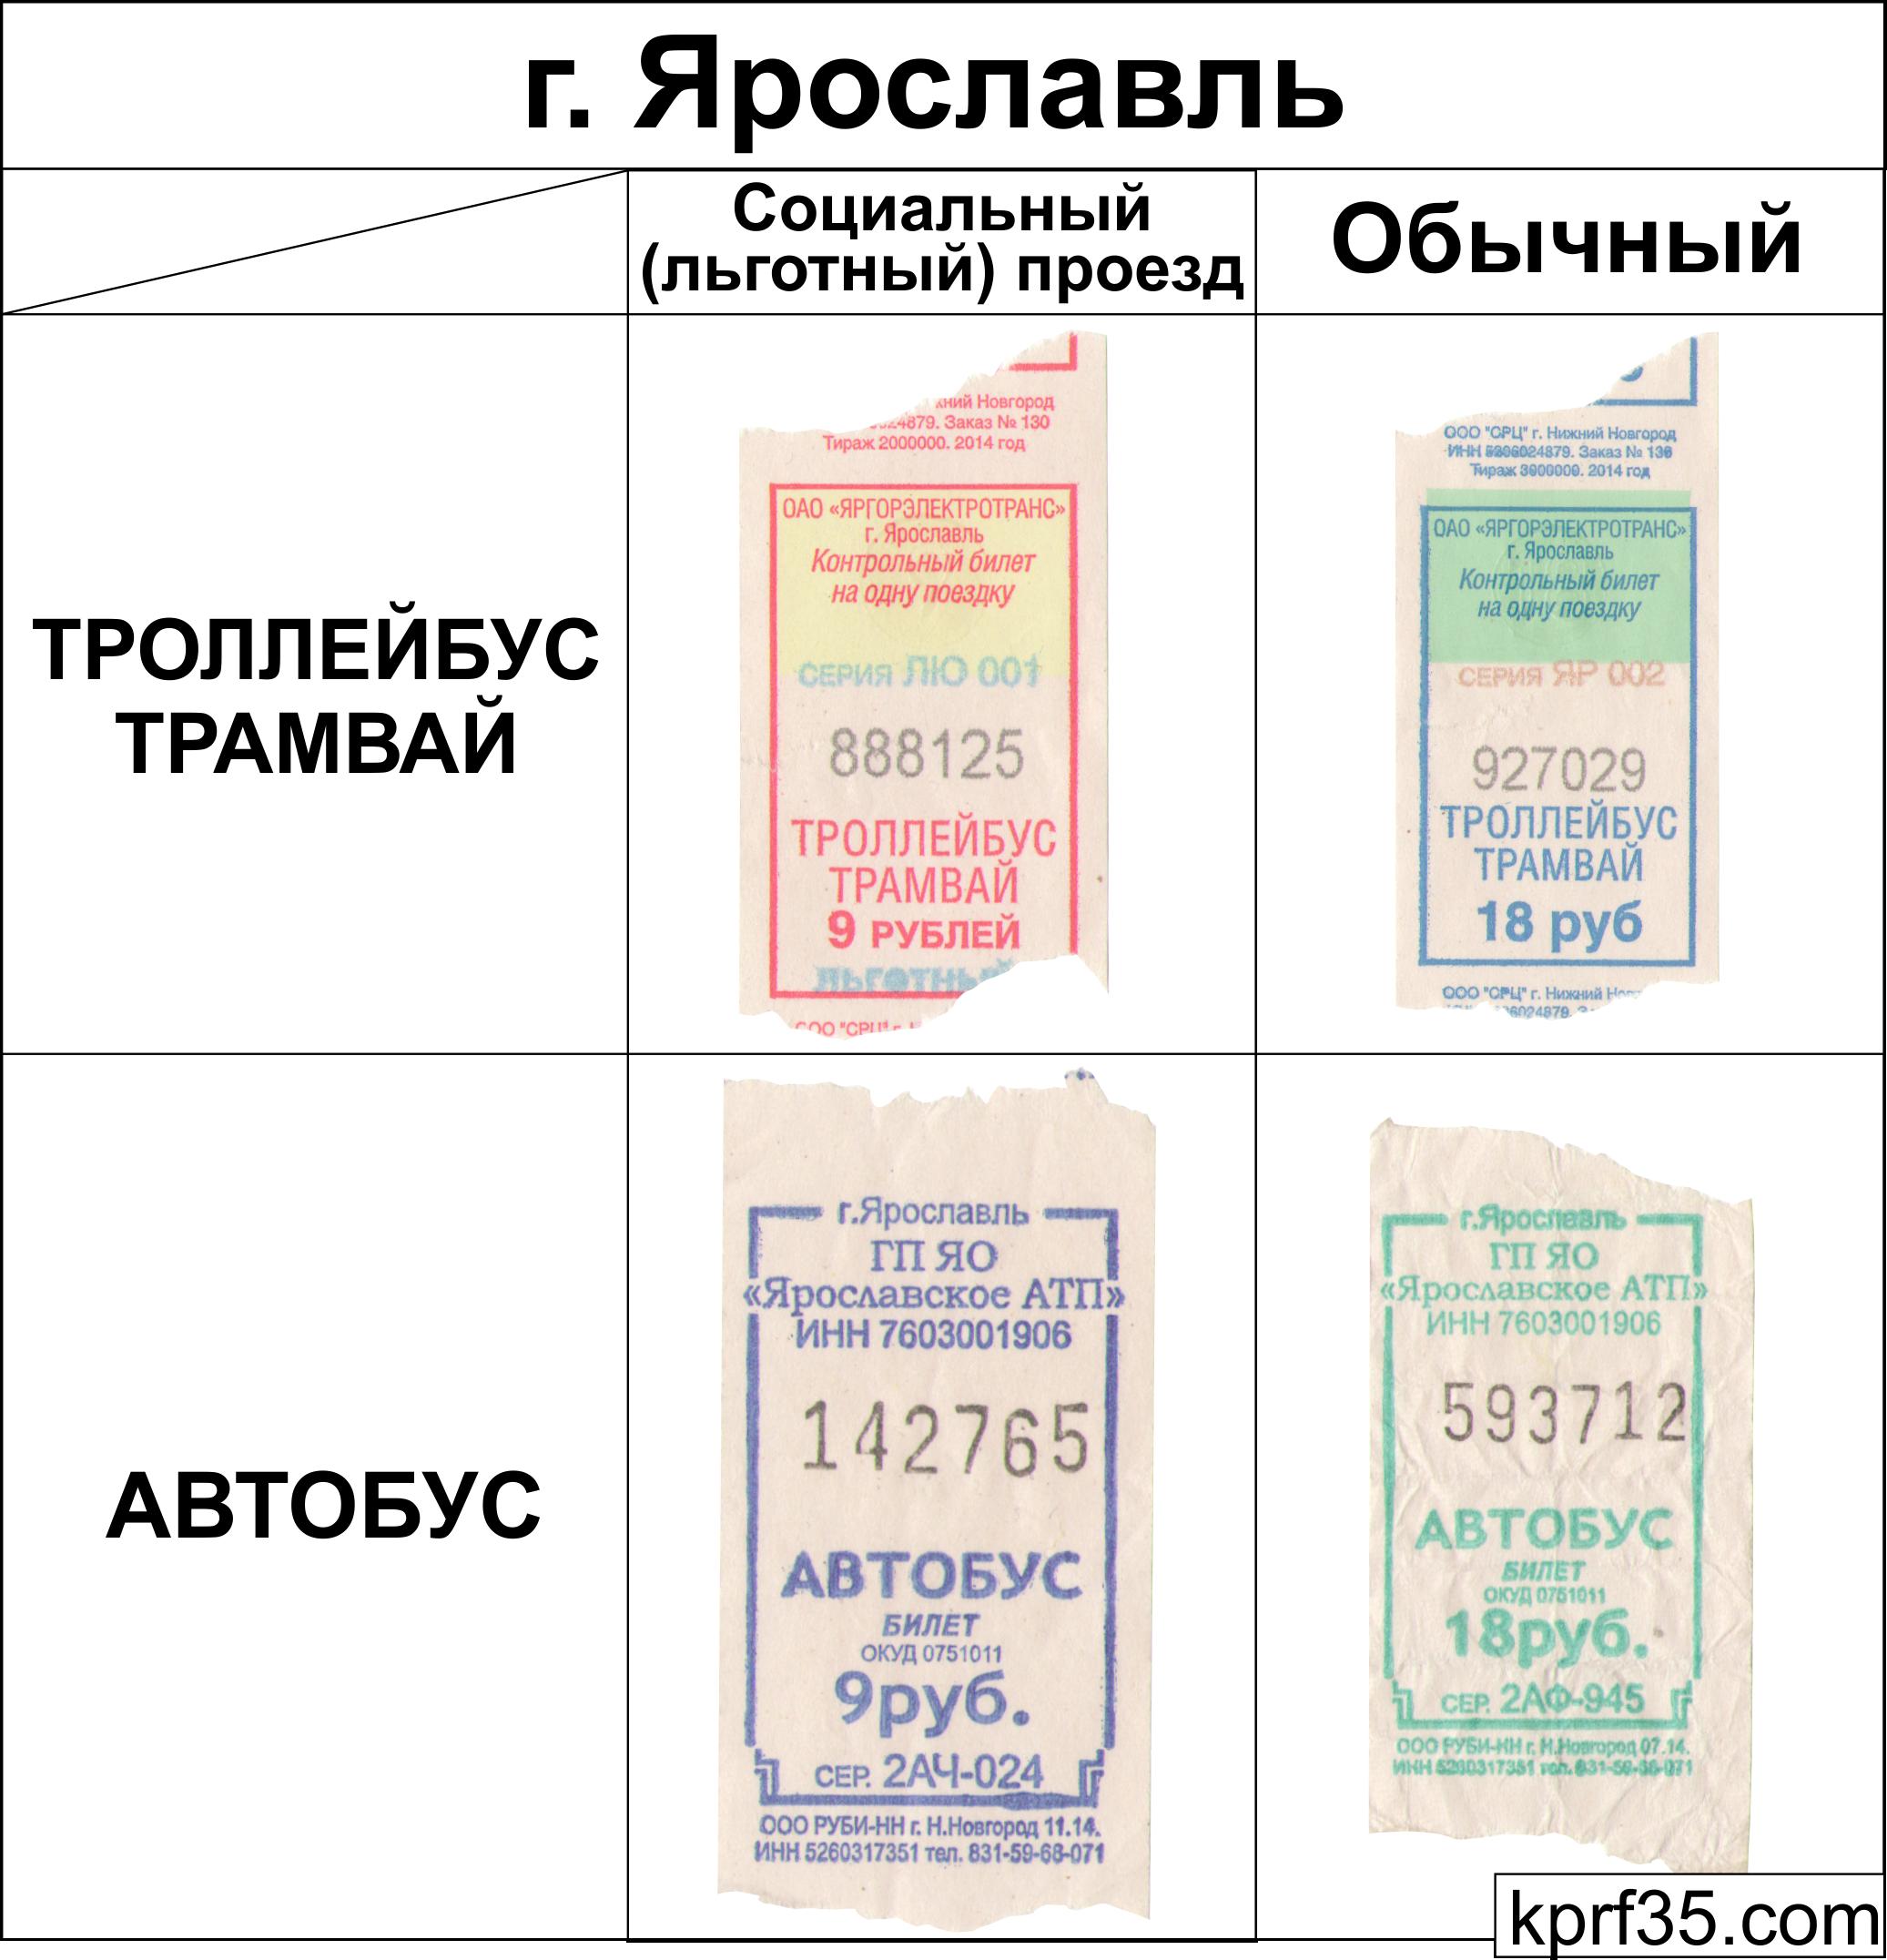 Проезд Ярославль